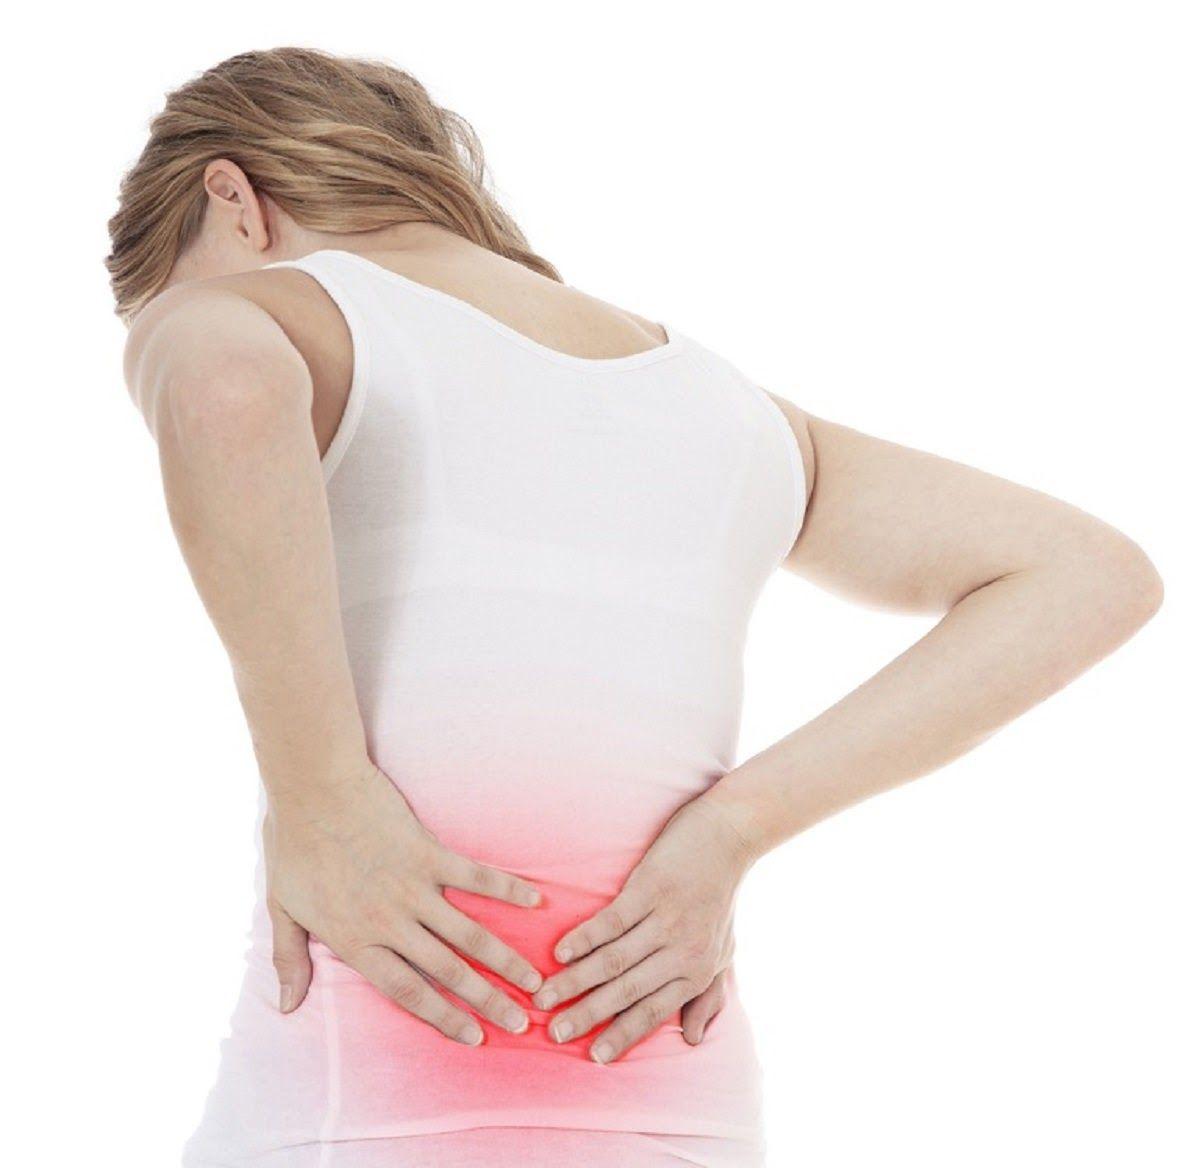 Một số triệu chứng của bệnh thoát vị đĩa đệm cảnh báo tình trạng nguy hiểm